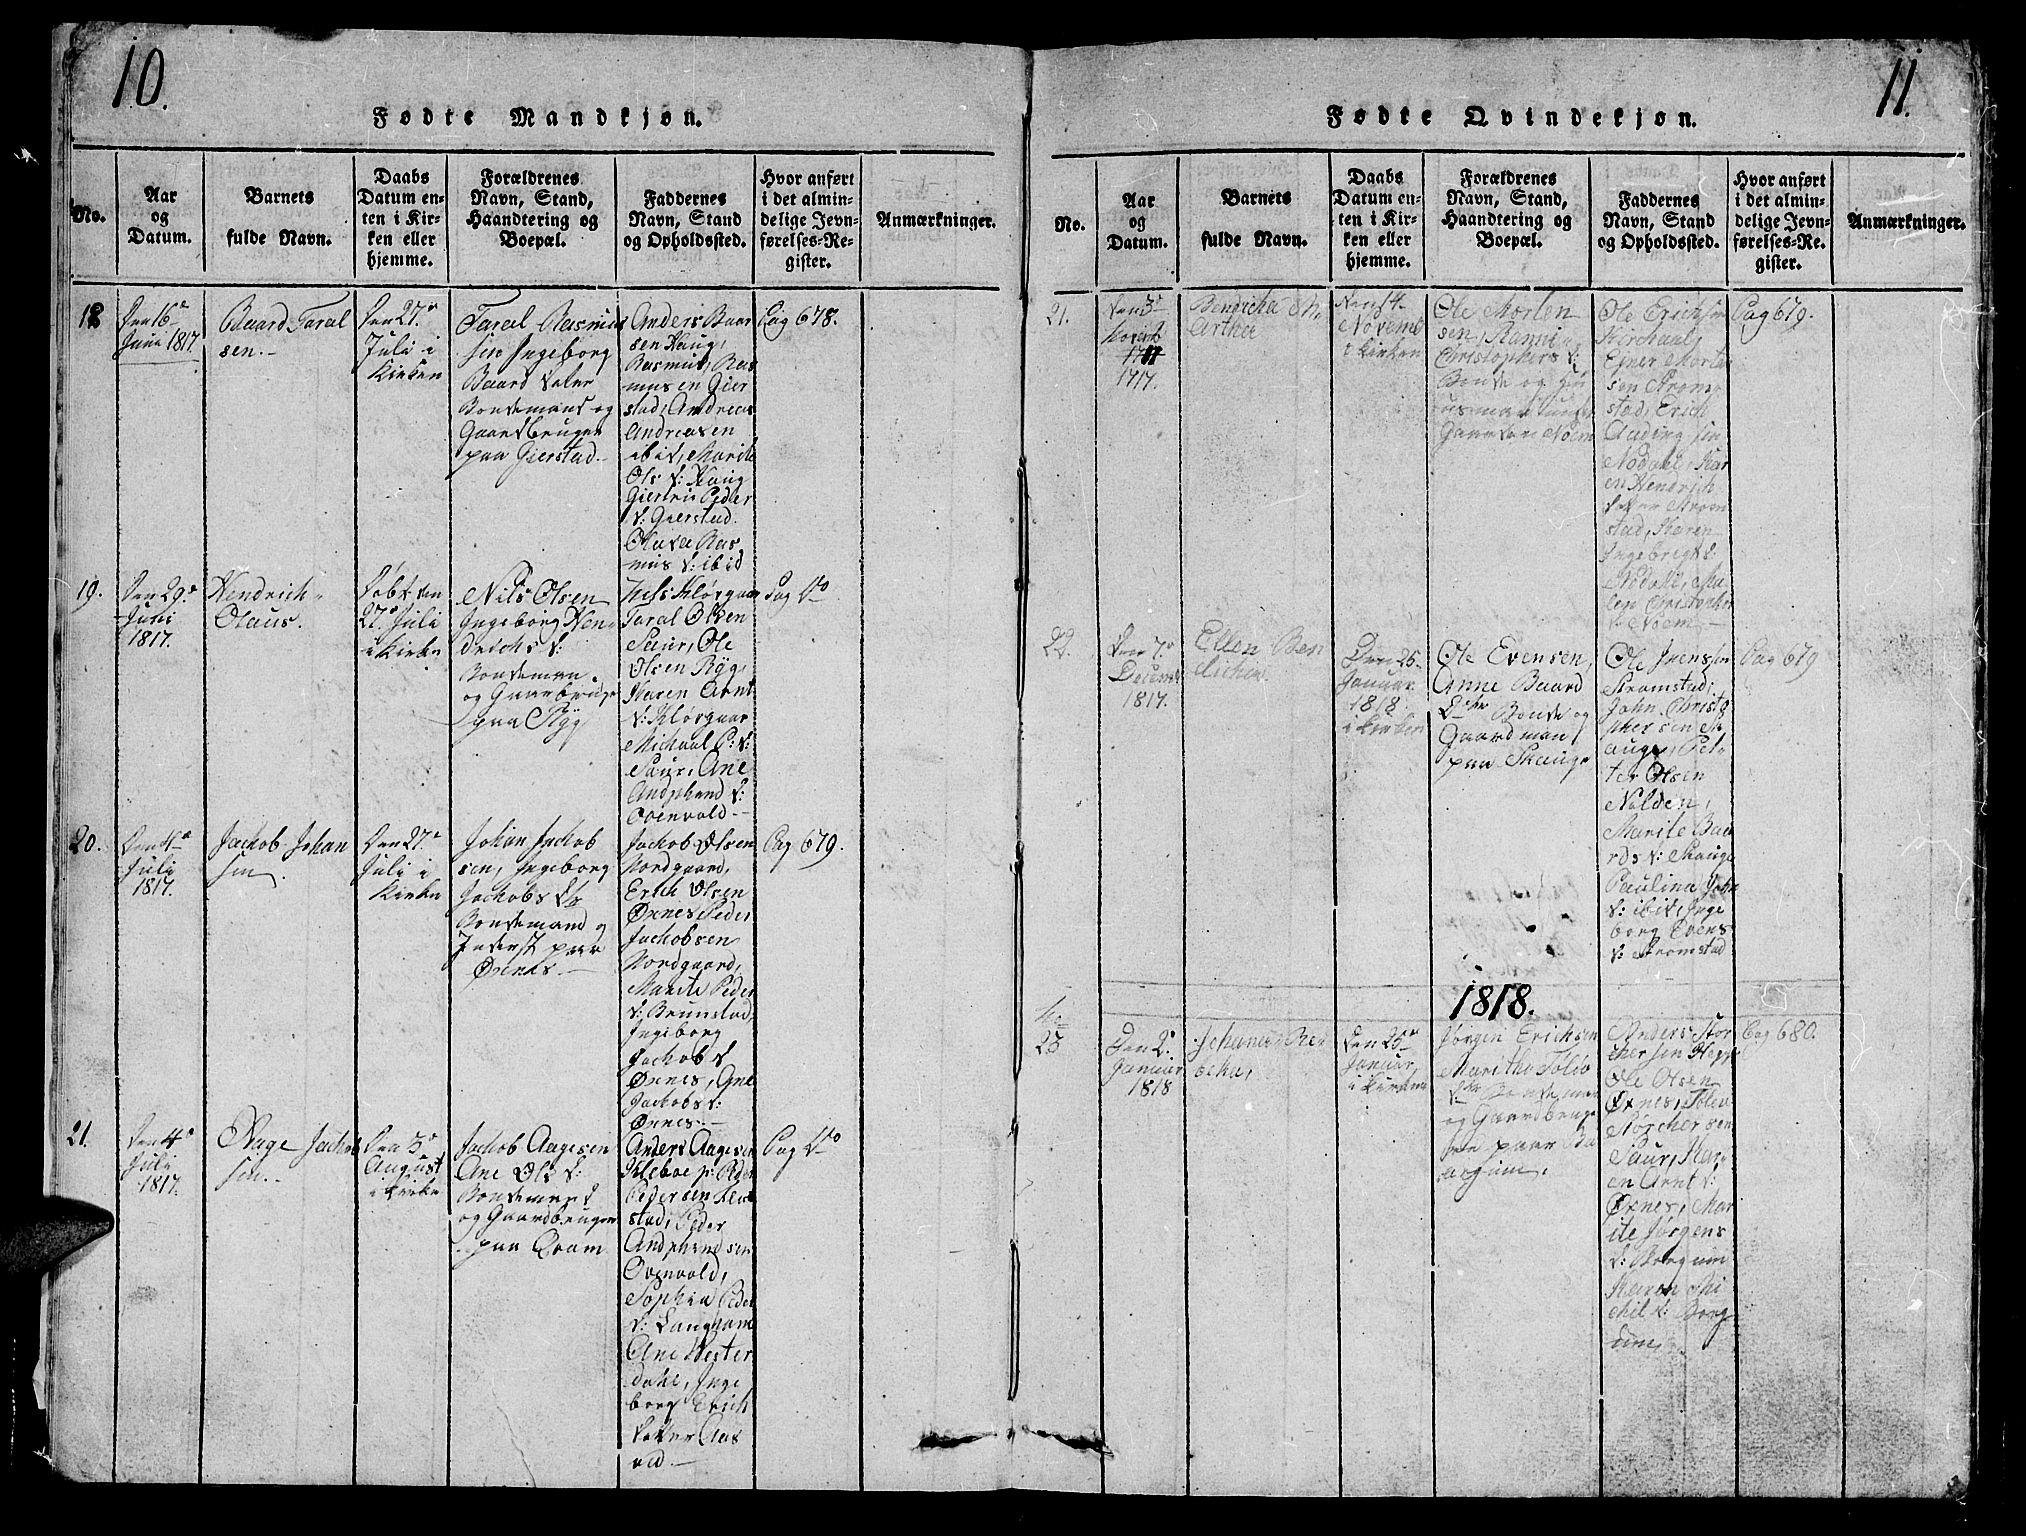 SAT, Ministerialprotokoller, klokkerbøker og fødselsregistre - Nord-Trøndelag, 747/L0459: Klokkerbok nr. 747C01, 1816-1842, s. 10-11